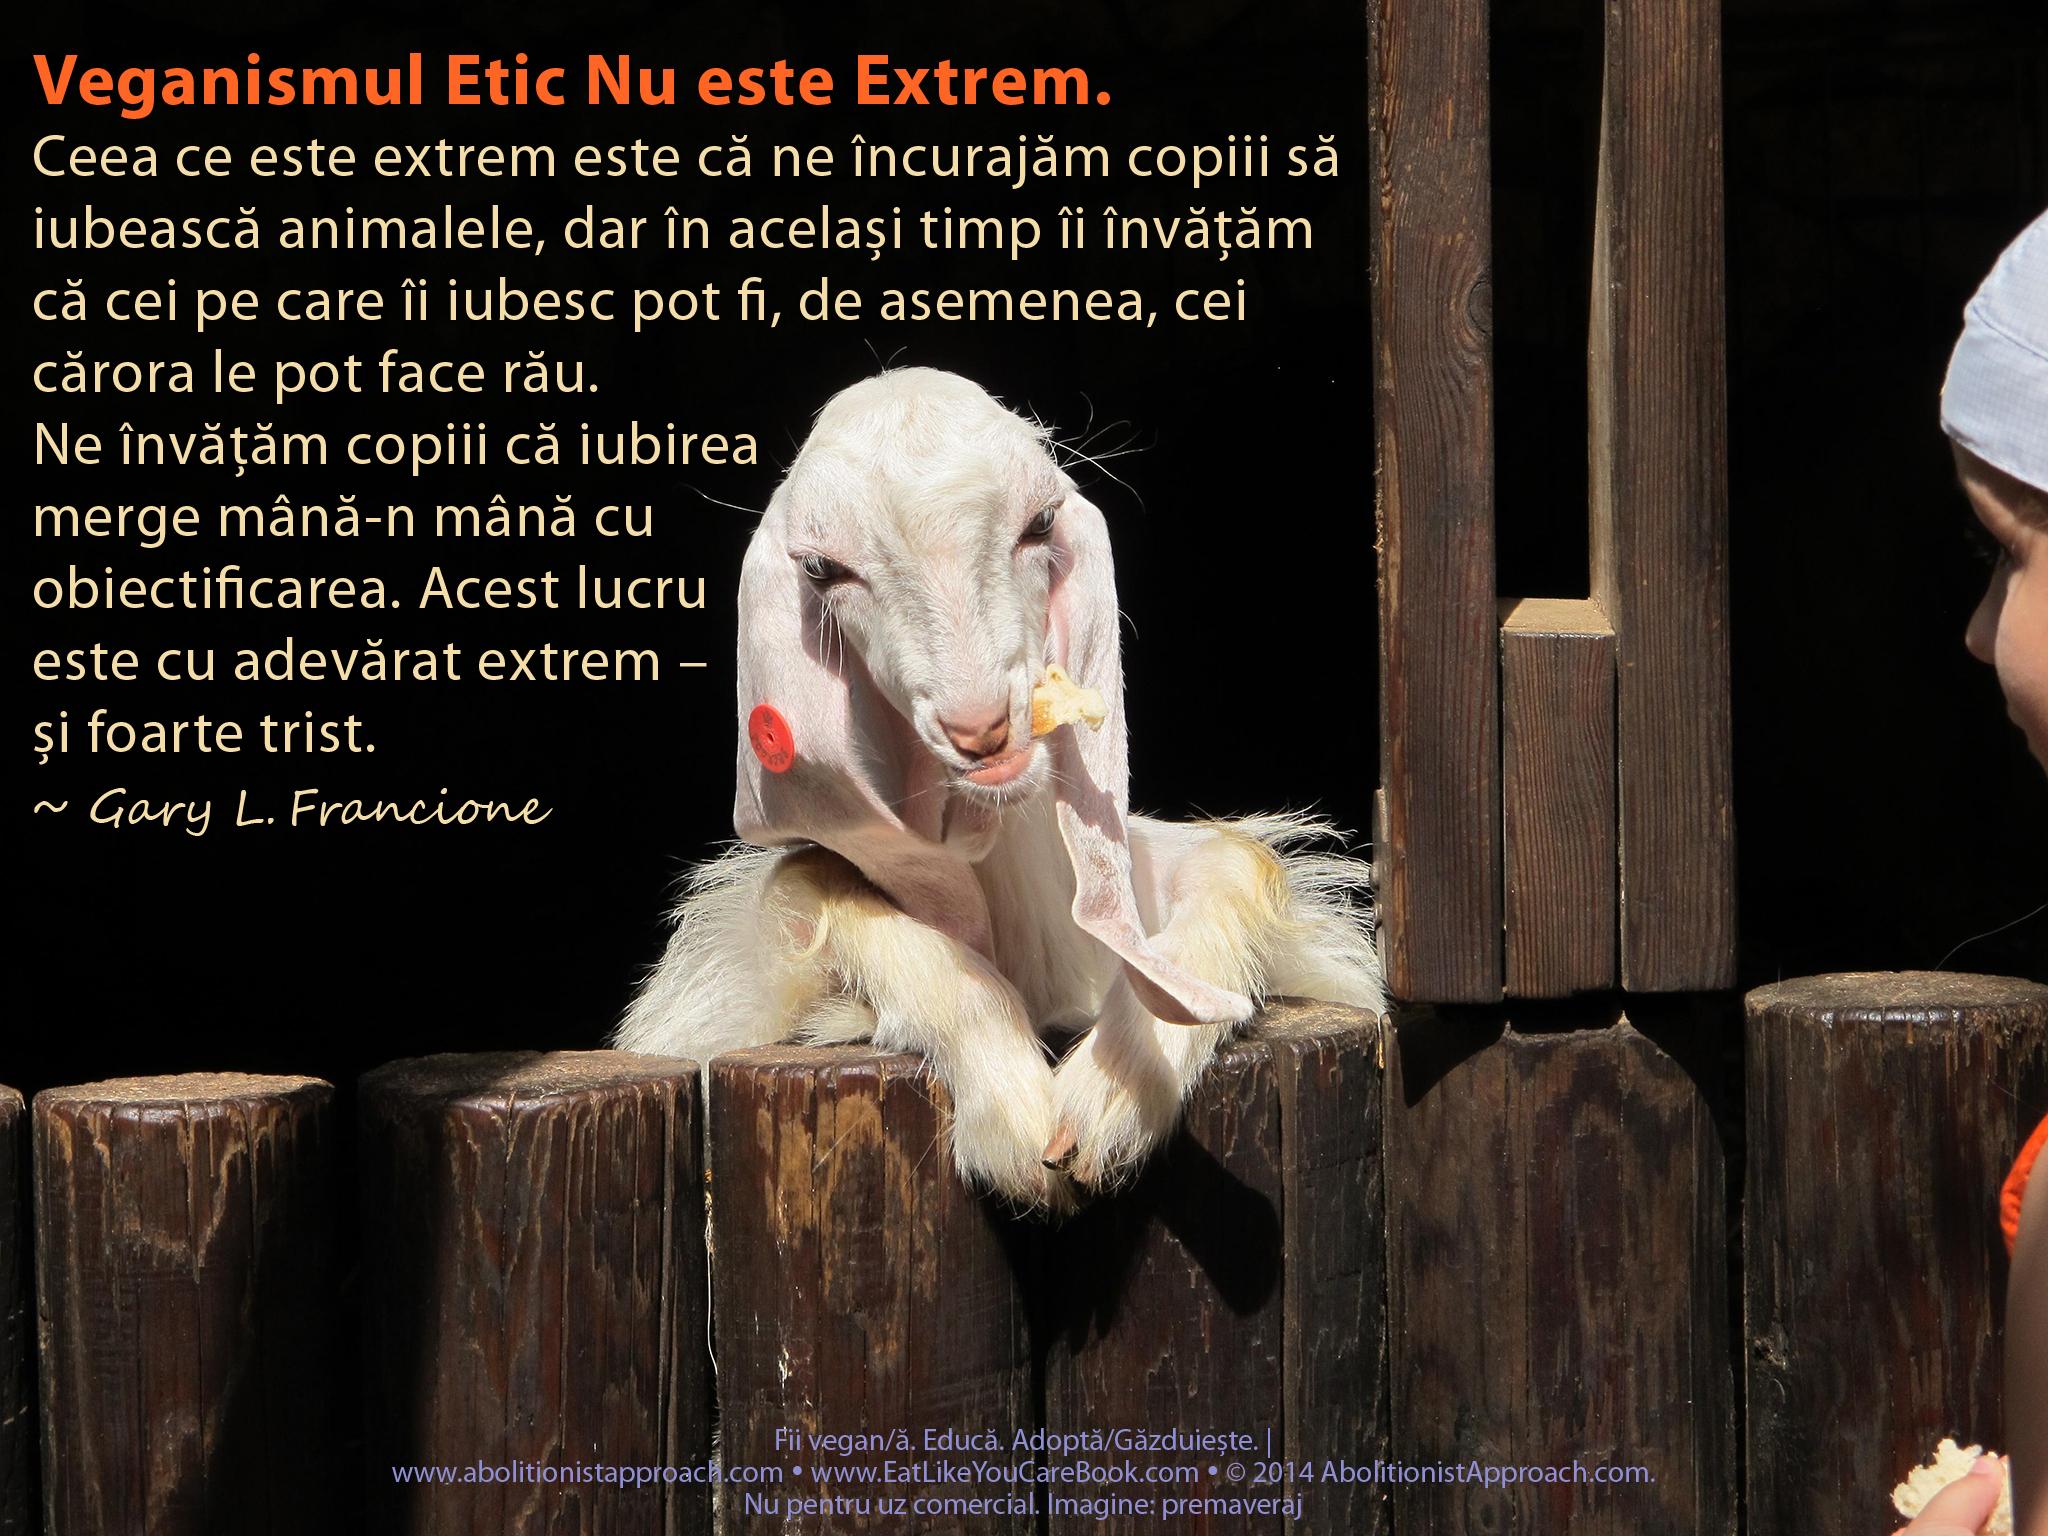 Veganismul Etic Nu este Extrem